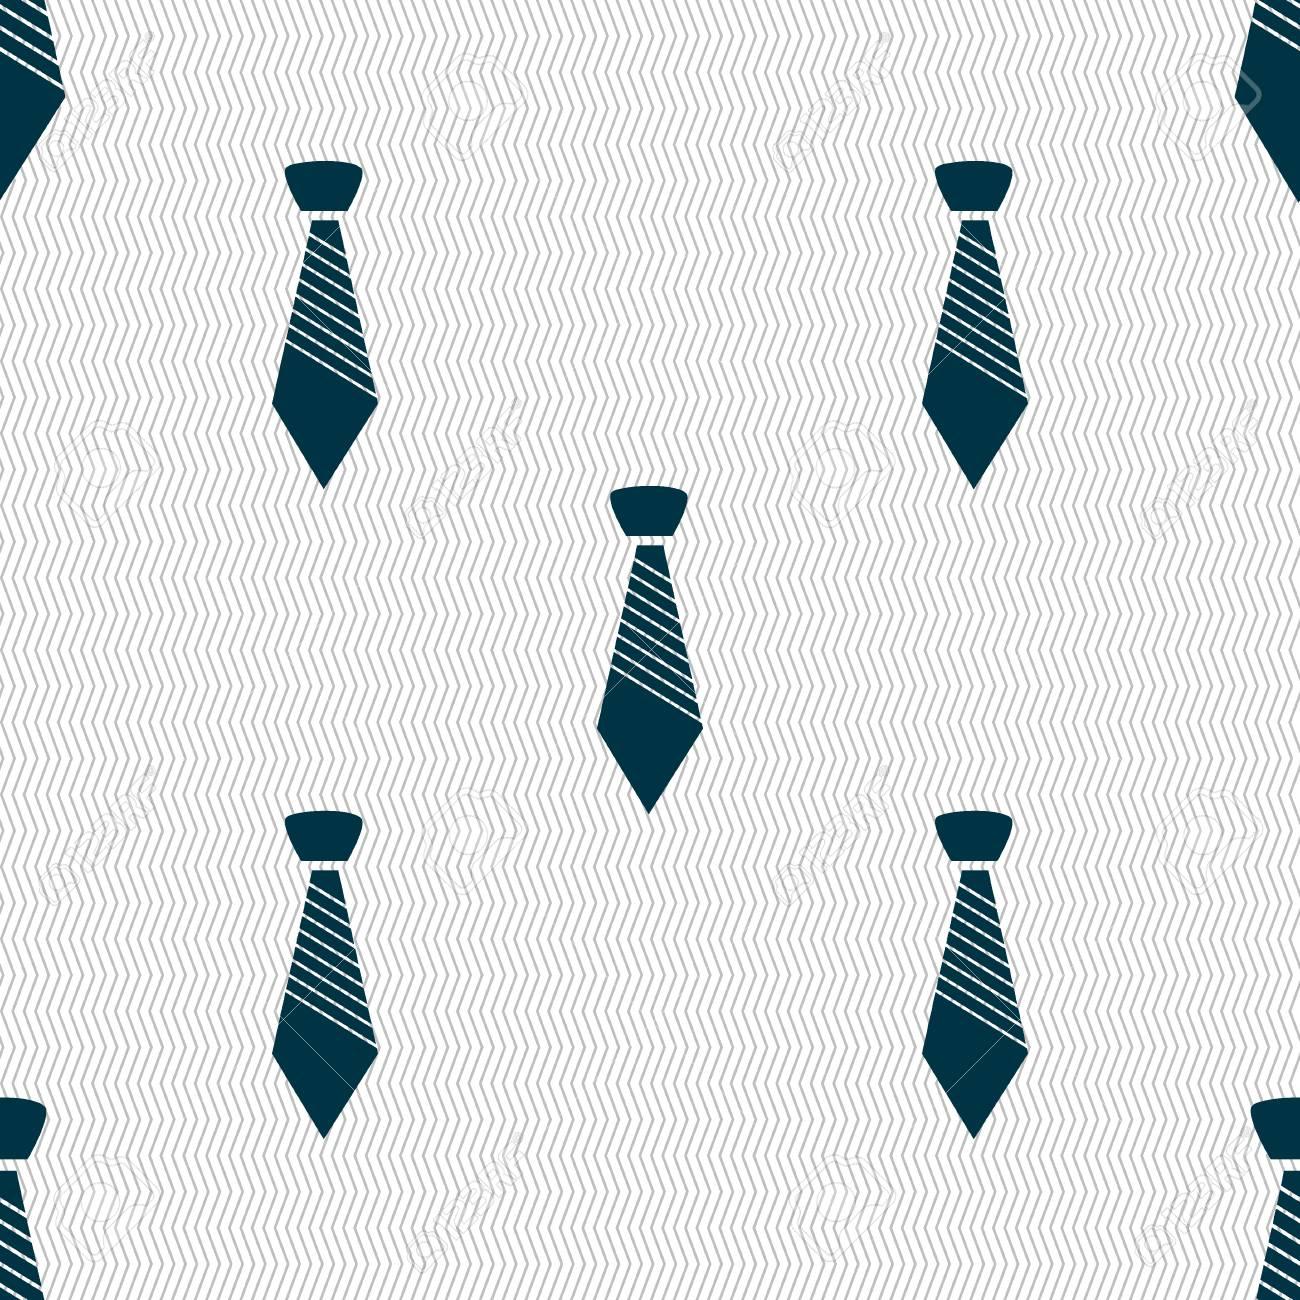 vente la moins chère vente en ligne prix de liquidation Icône de signe de cravate. Symbole de vêtements d'affaires. Fond abstrait  transparent avec des formes géométriques. illustration